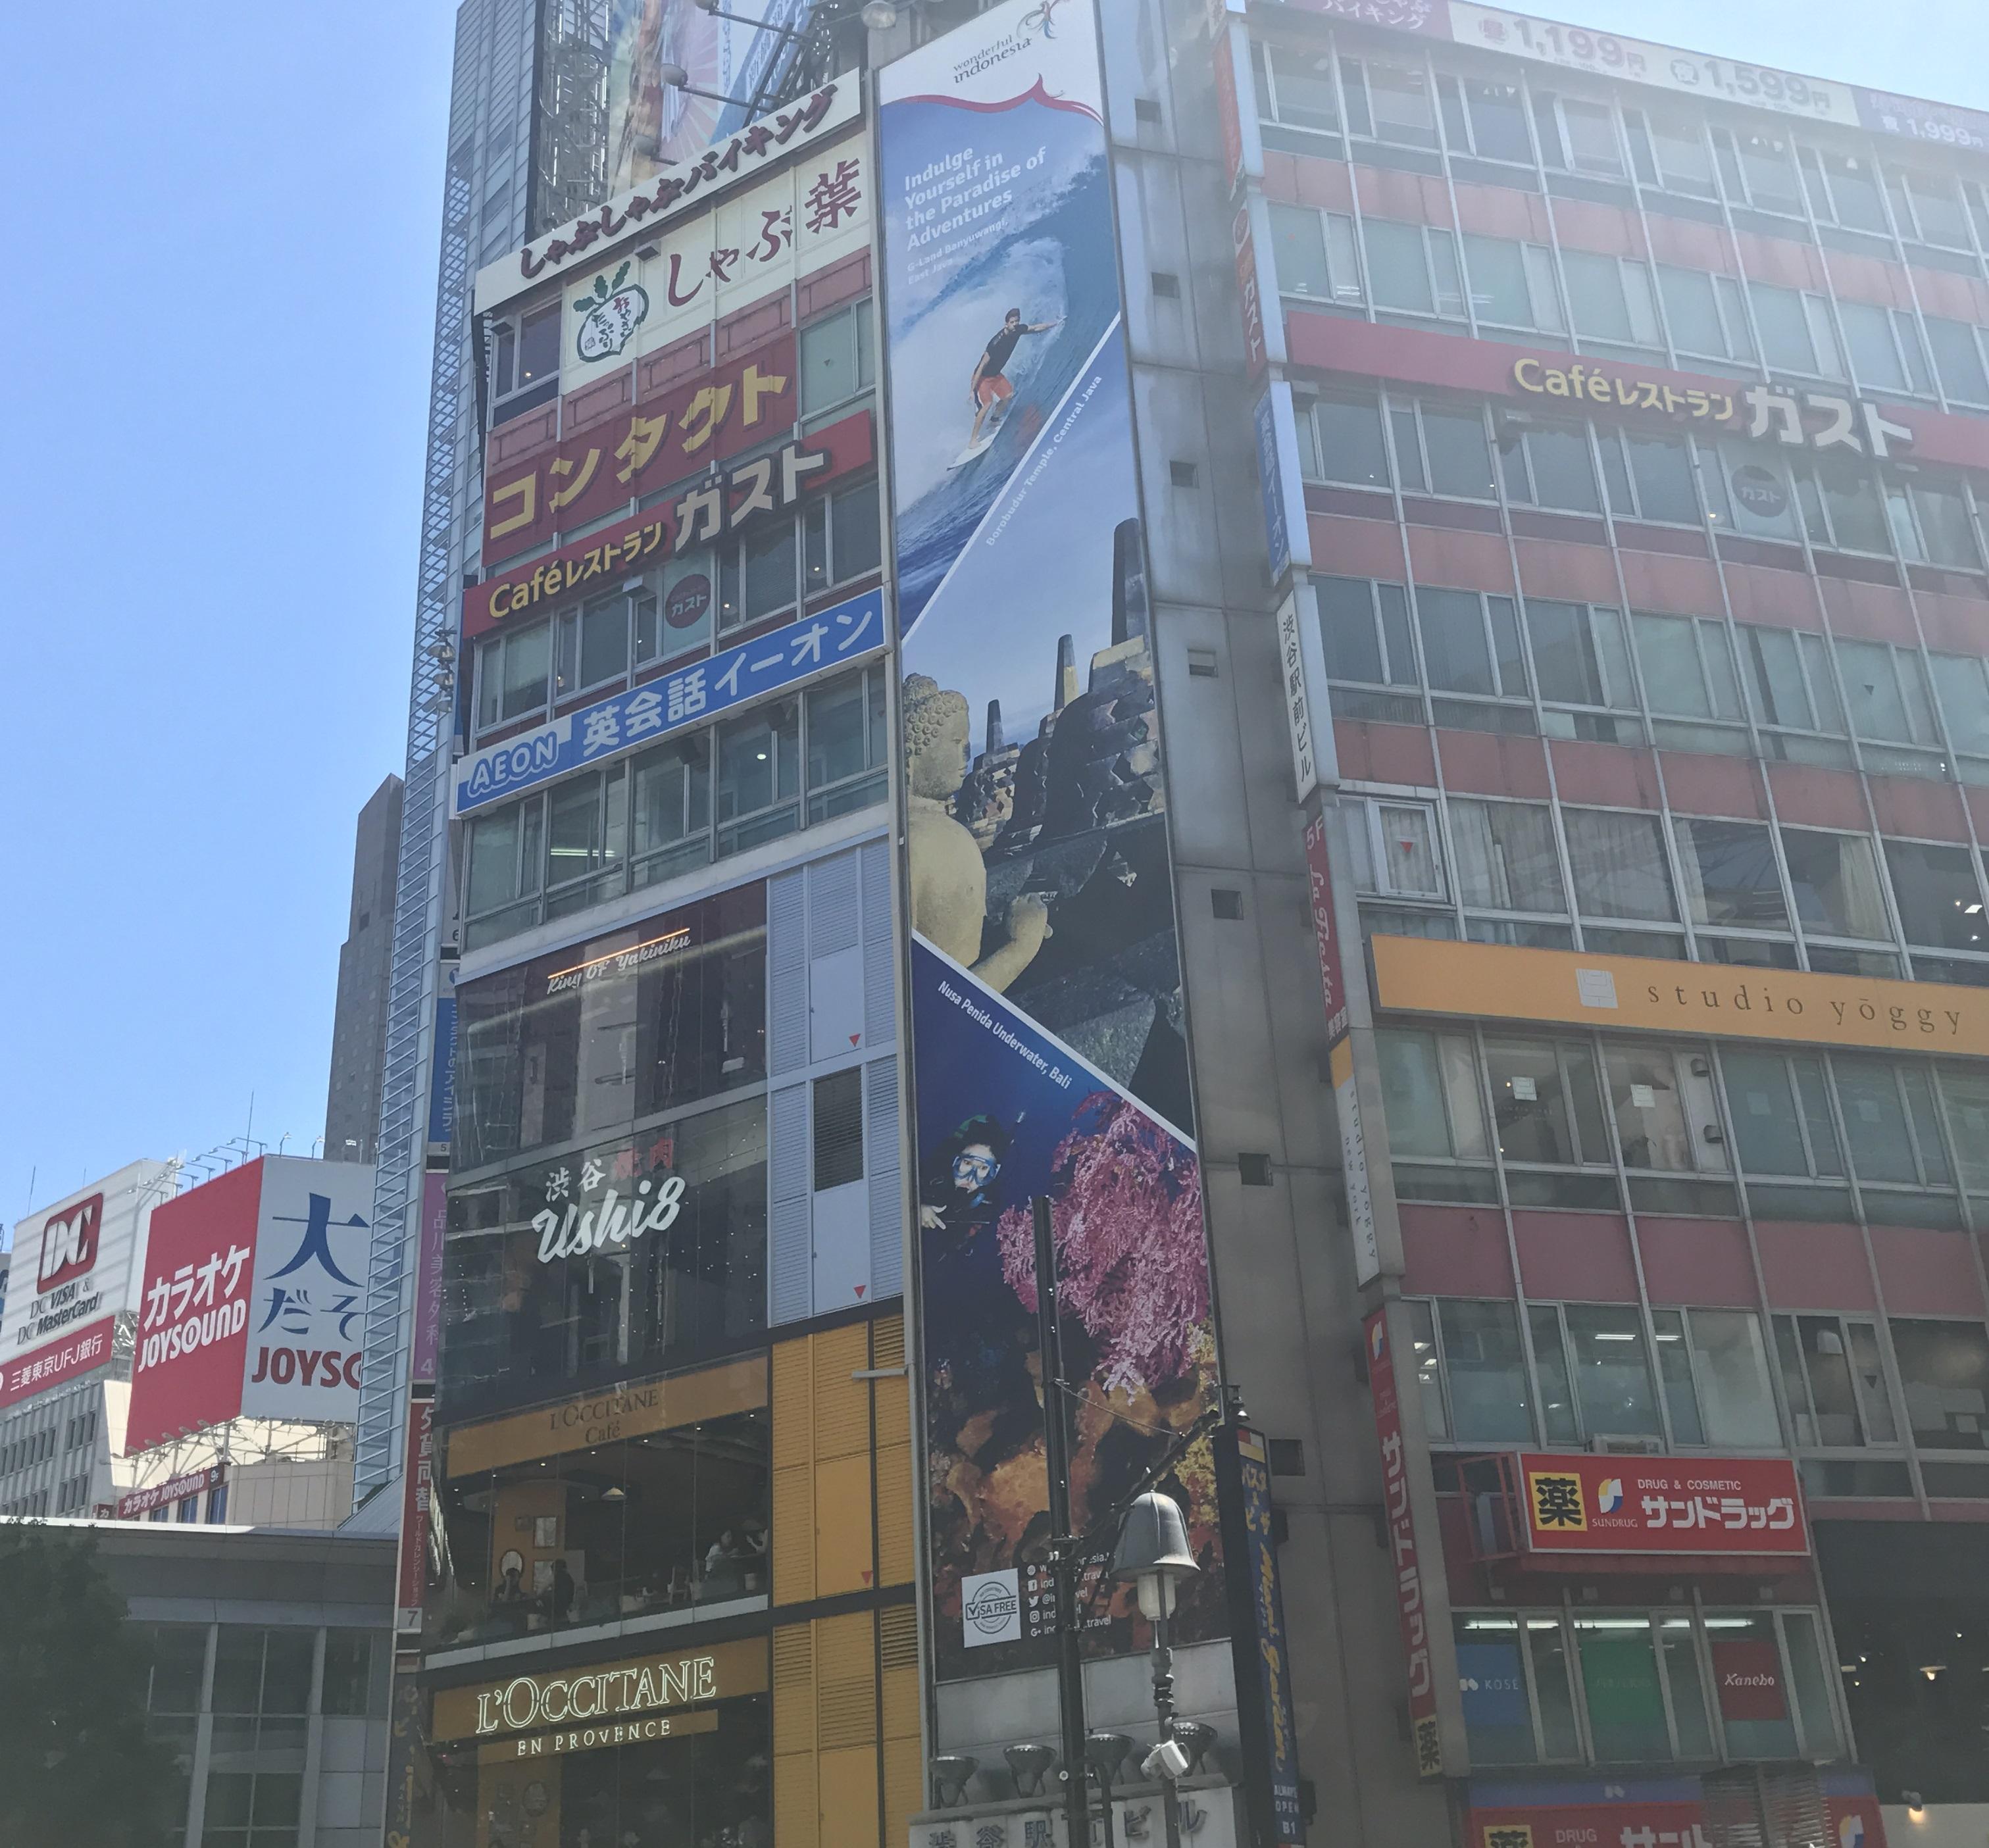 渋谷駅前ビルロングボード(インドネシア共和国観光省).jpg